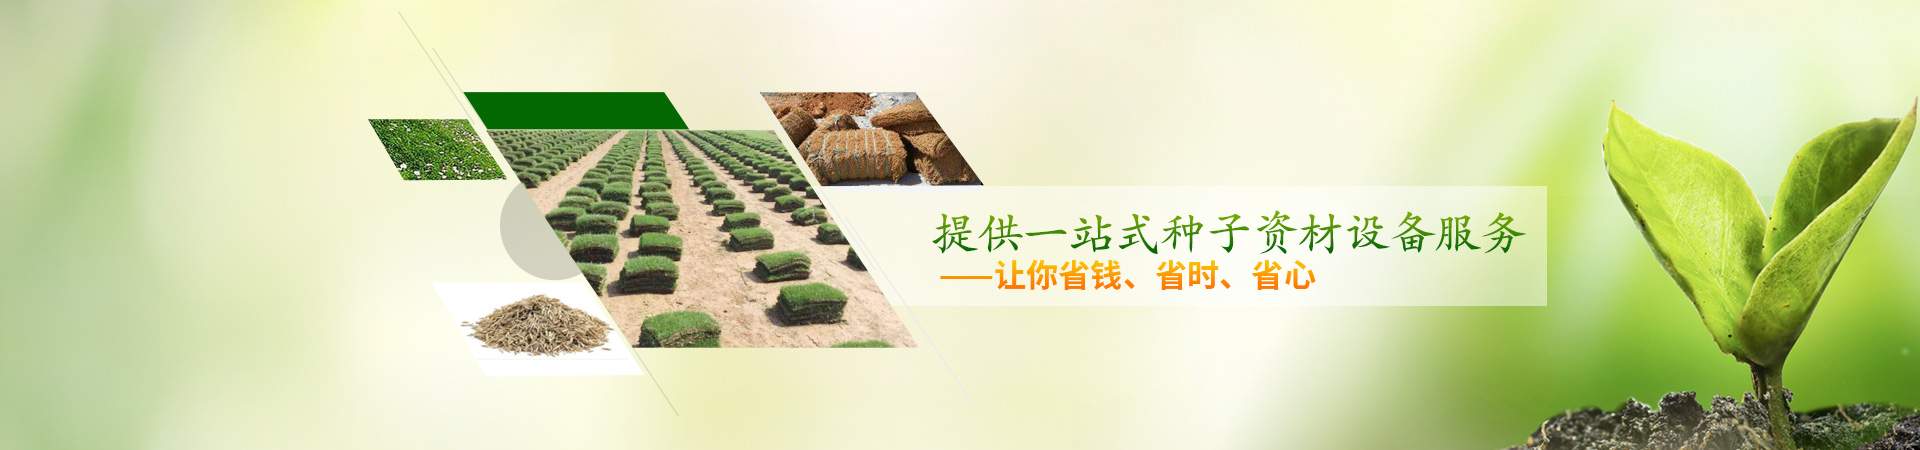 田野风种子资材设备